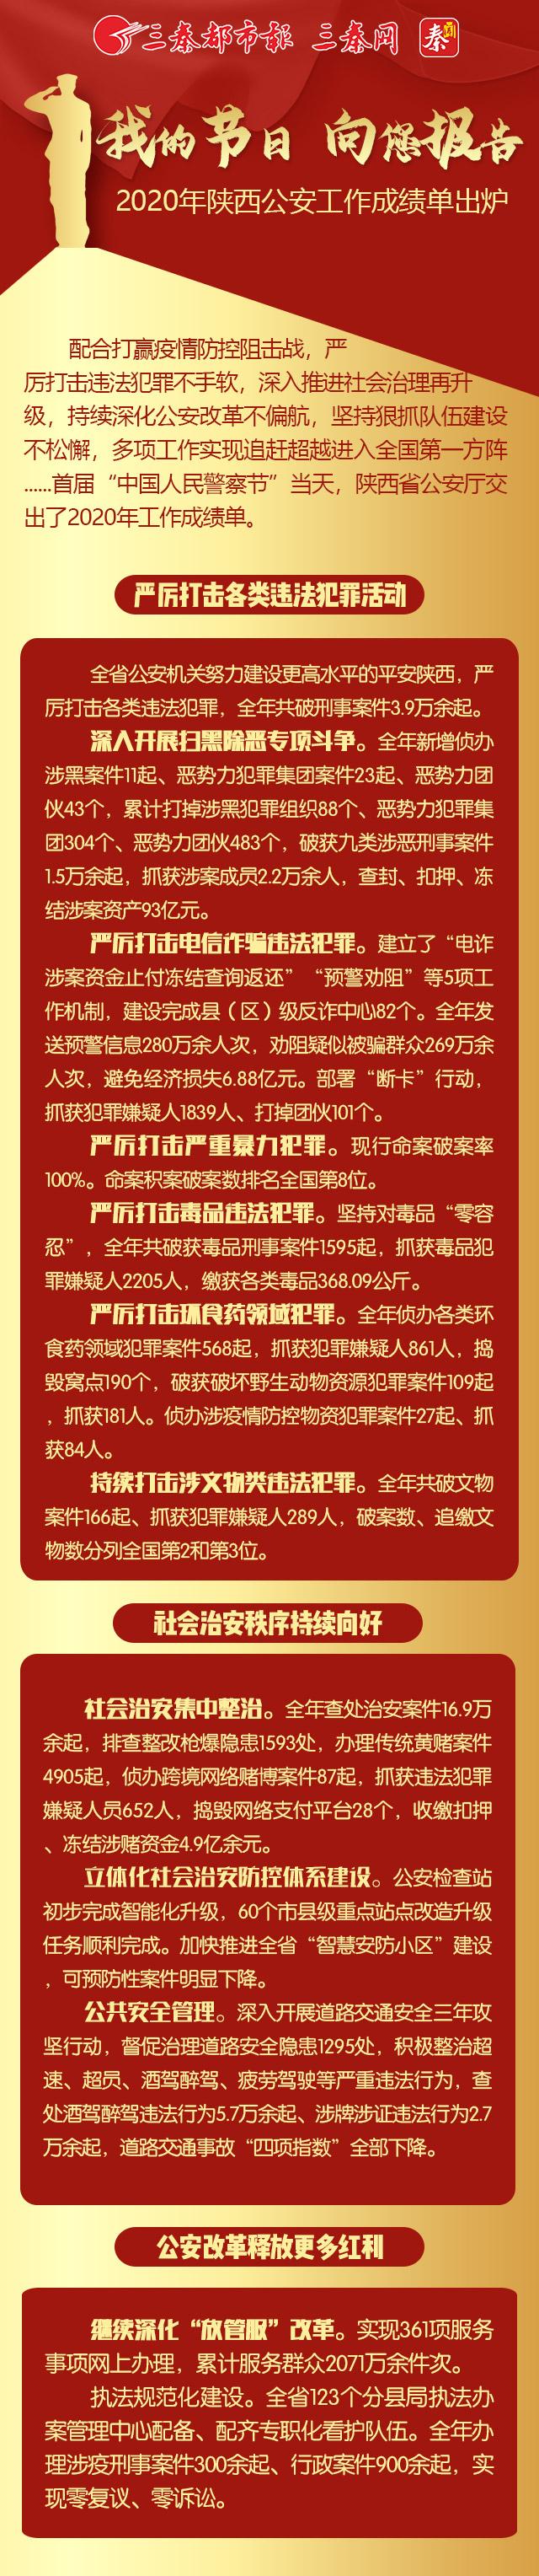 2020年陕西公安工作成绩单出炉